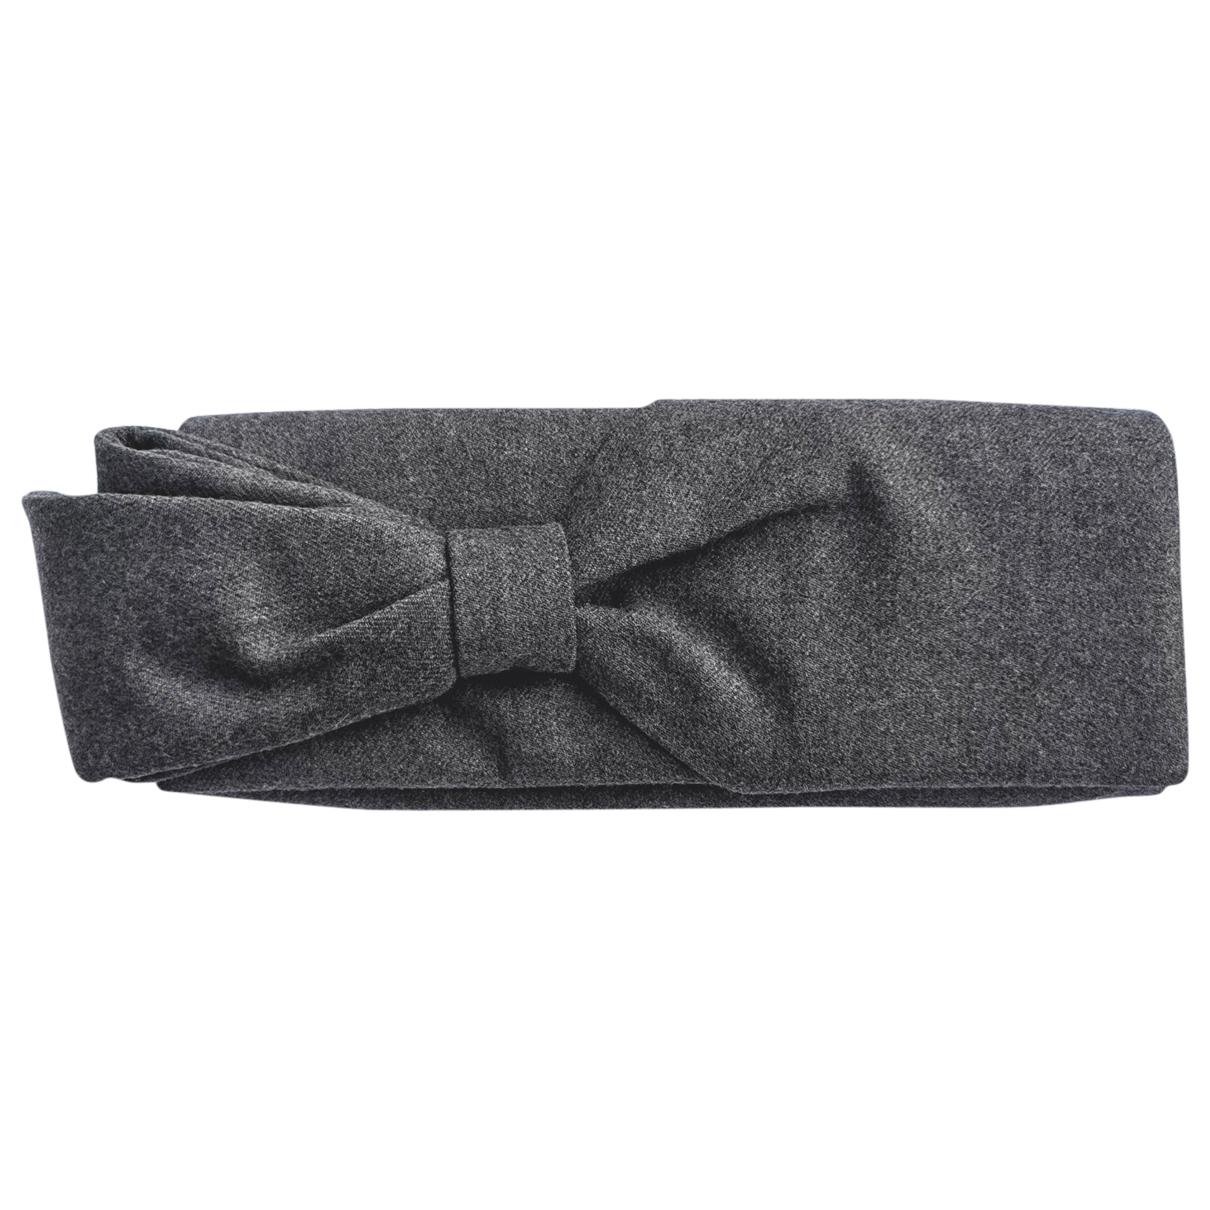 Christian Louboutin - Pochette   pour femme en laine - gris